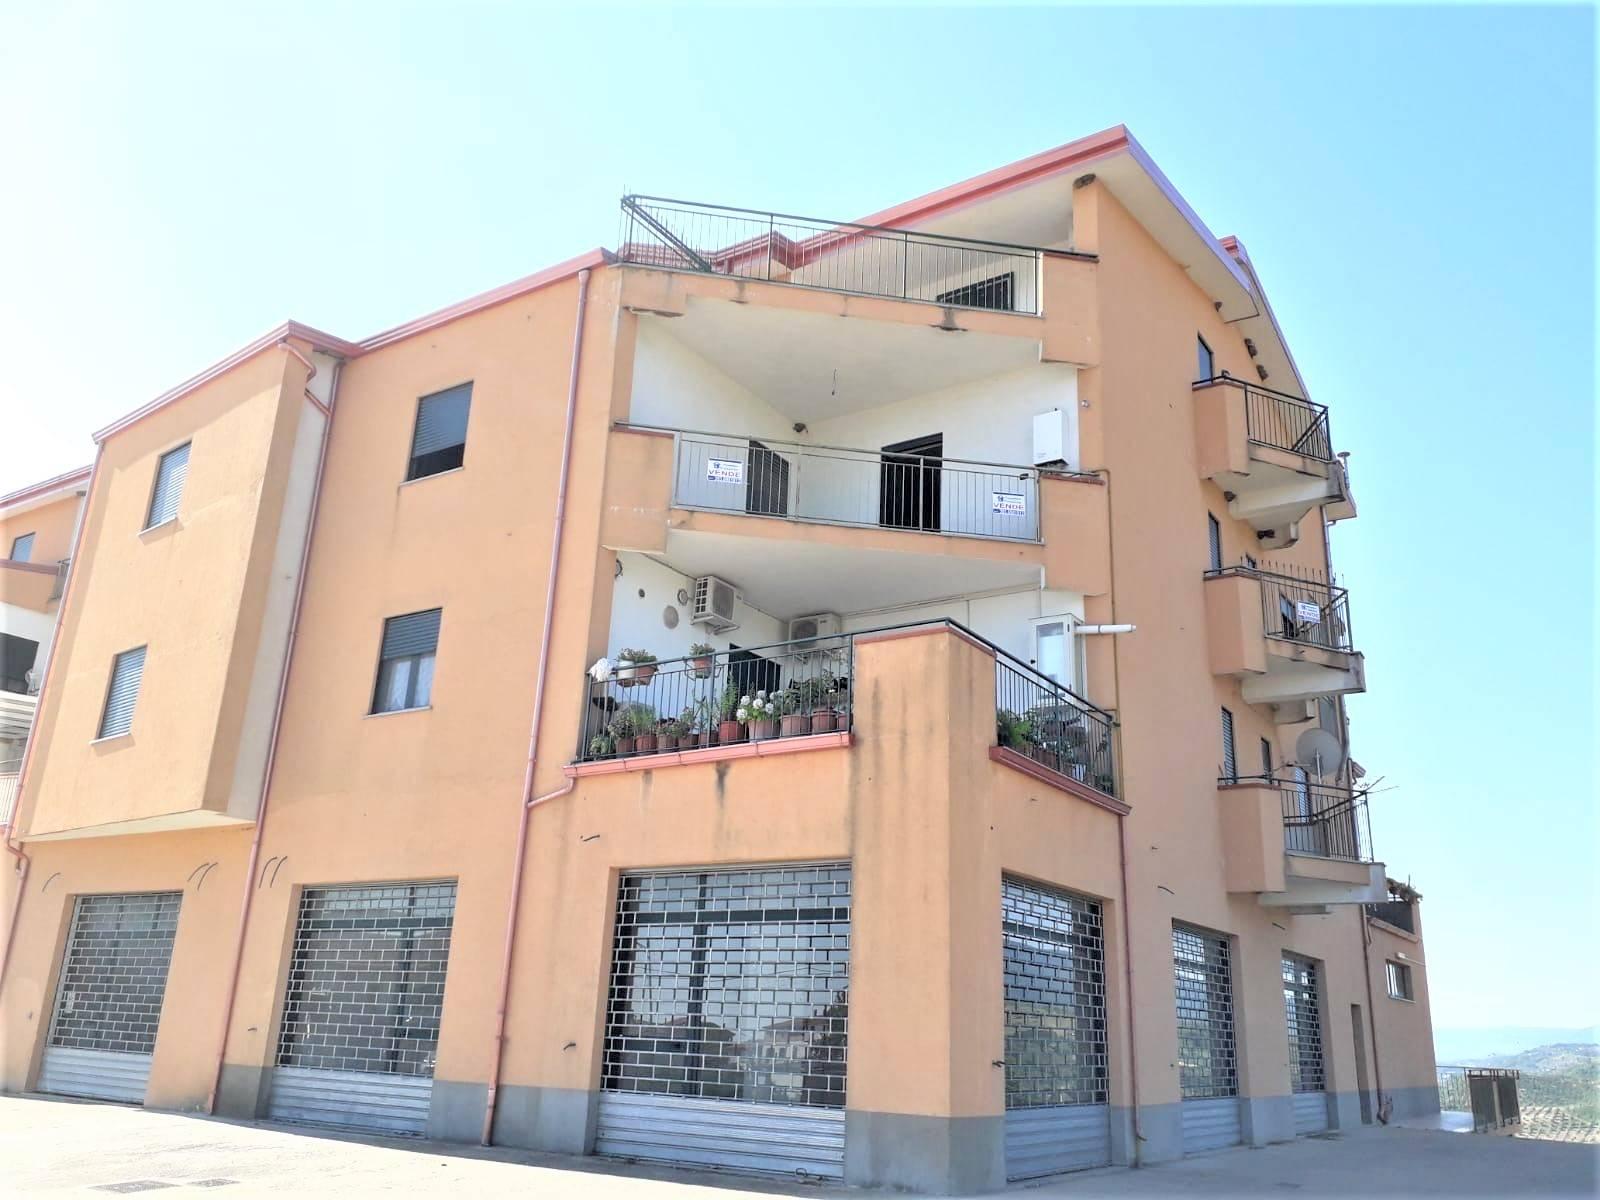 Appartamento in vendita a Torano Castello, 3 locali, zona Zona: Torano Scalo, prezzo € 70.000 | CambioCasa.it